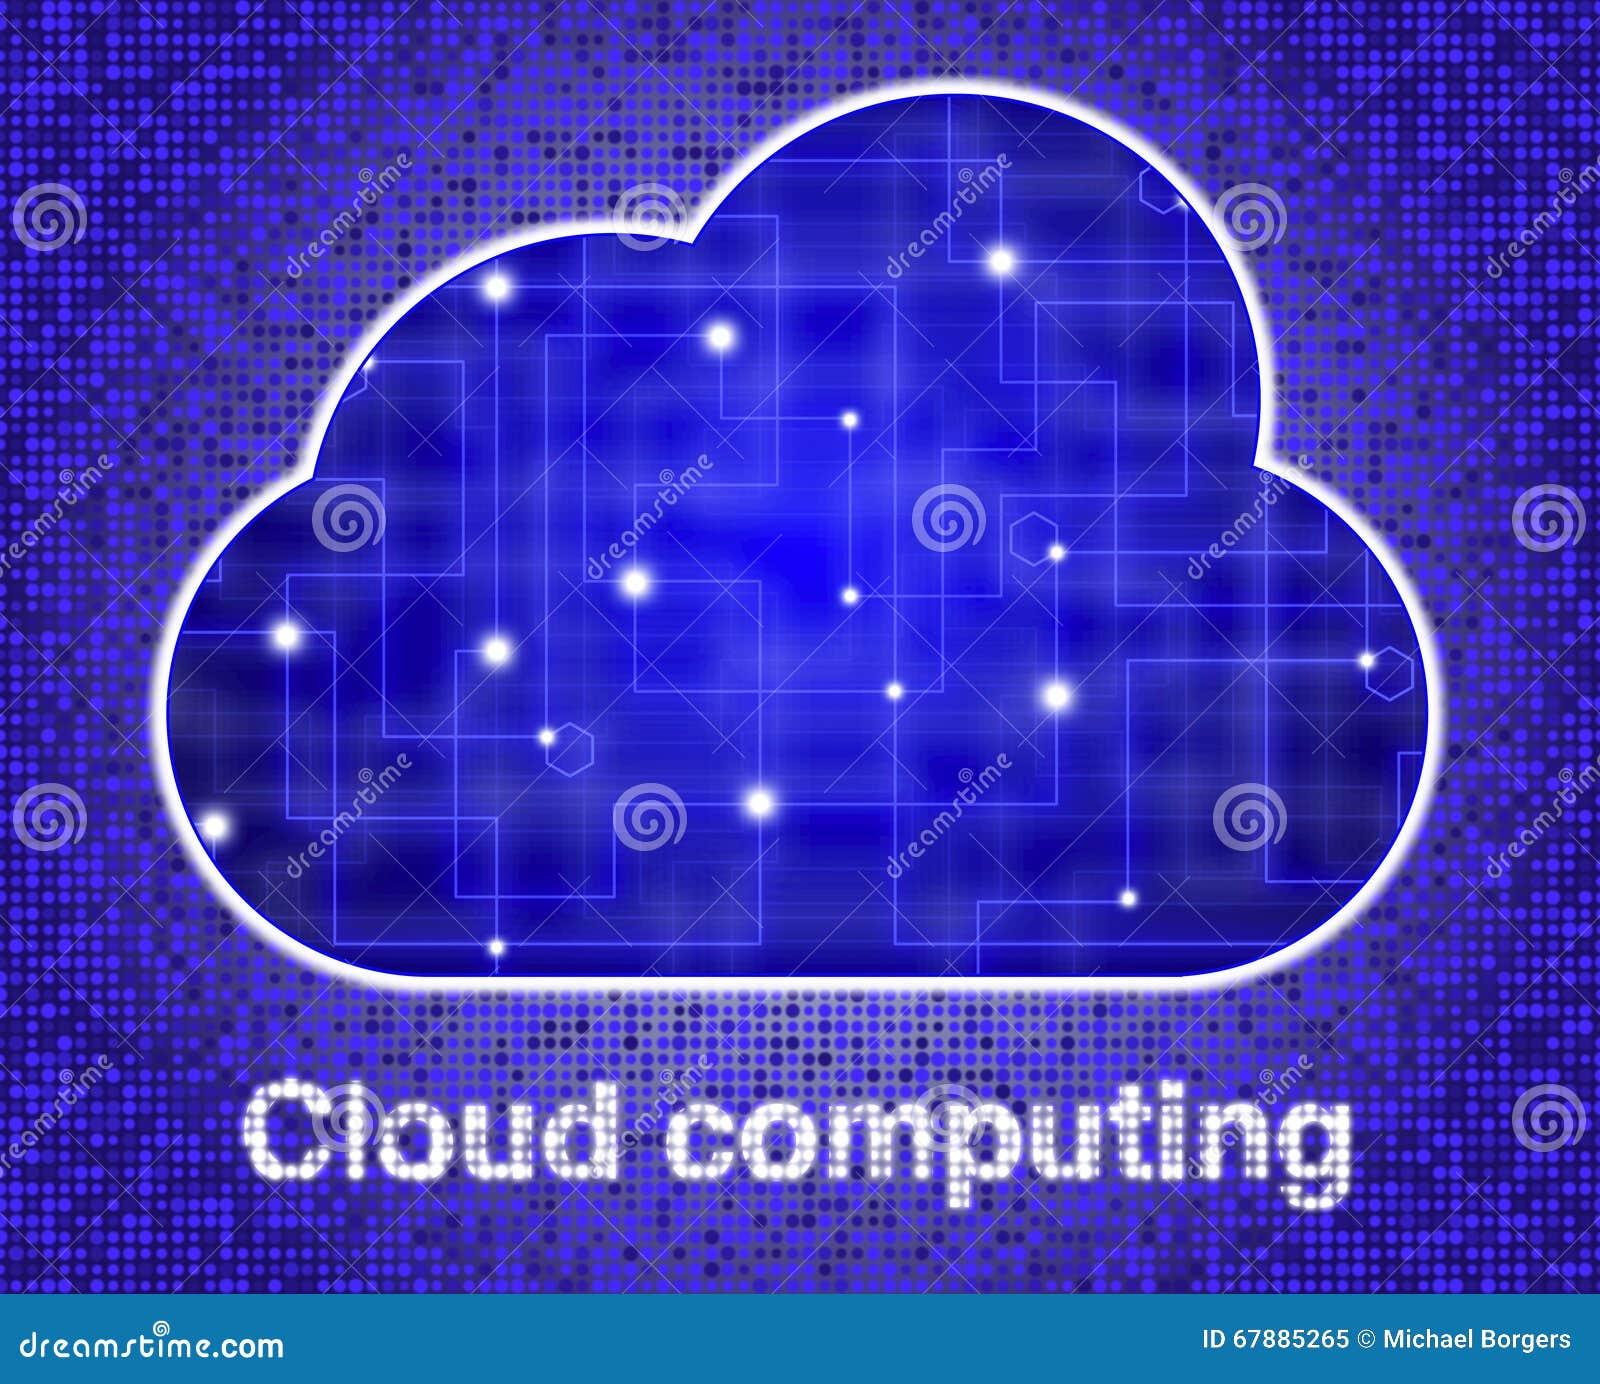 与发光的网络纹理的云彩